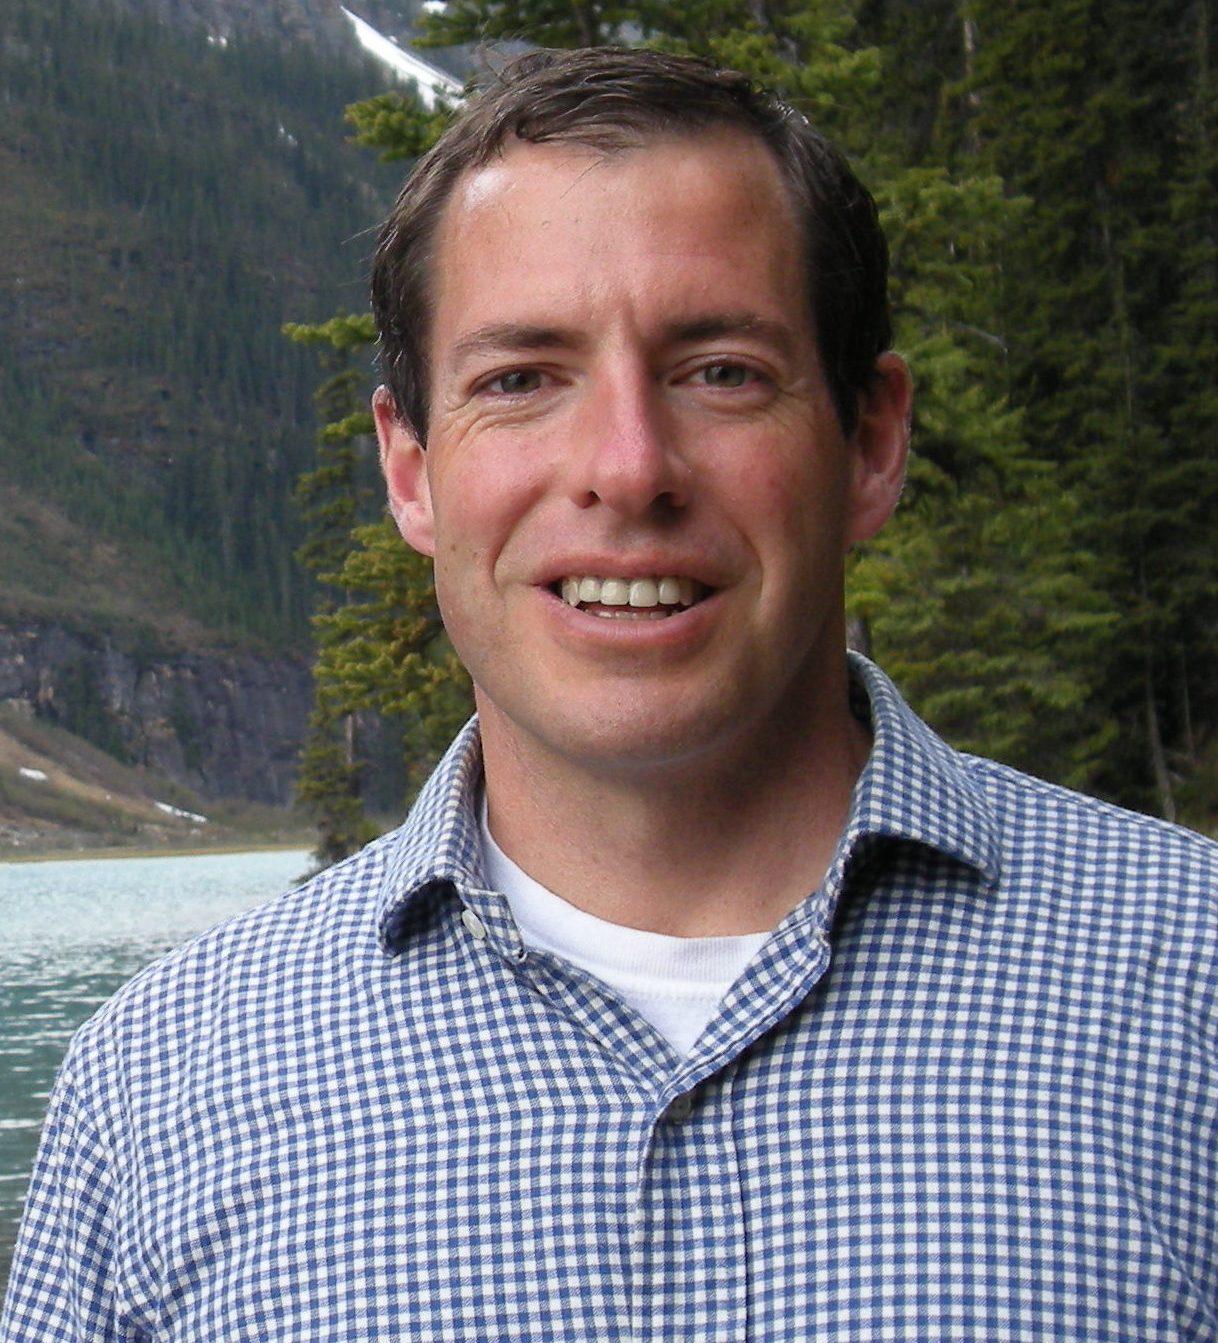 Mr. Greg Henkel